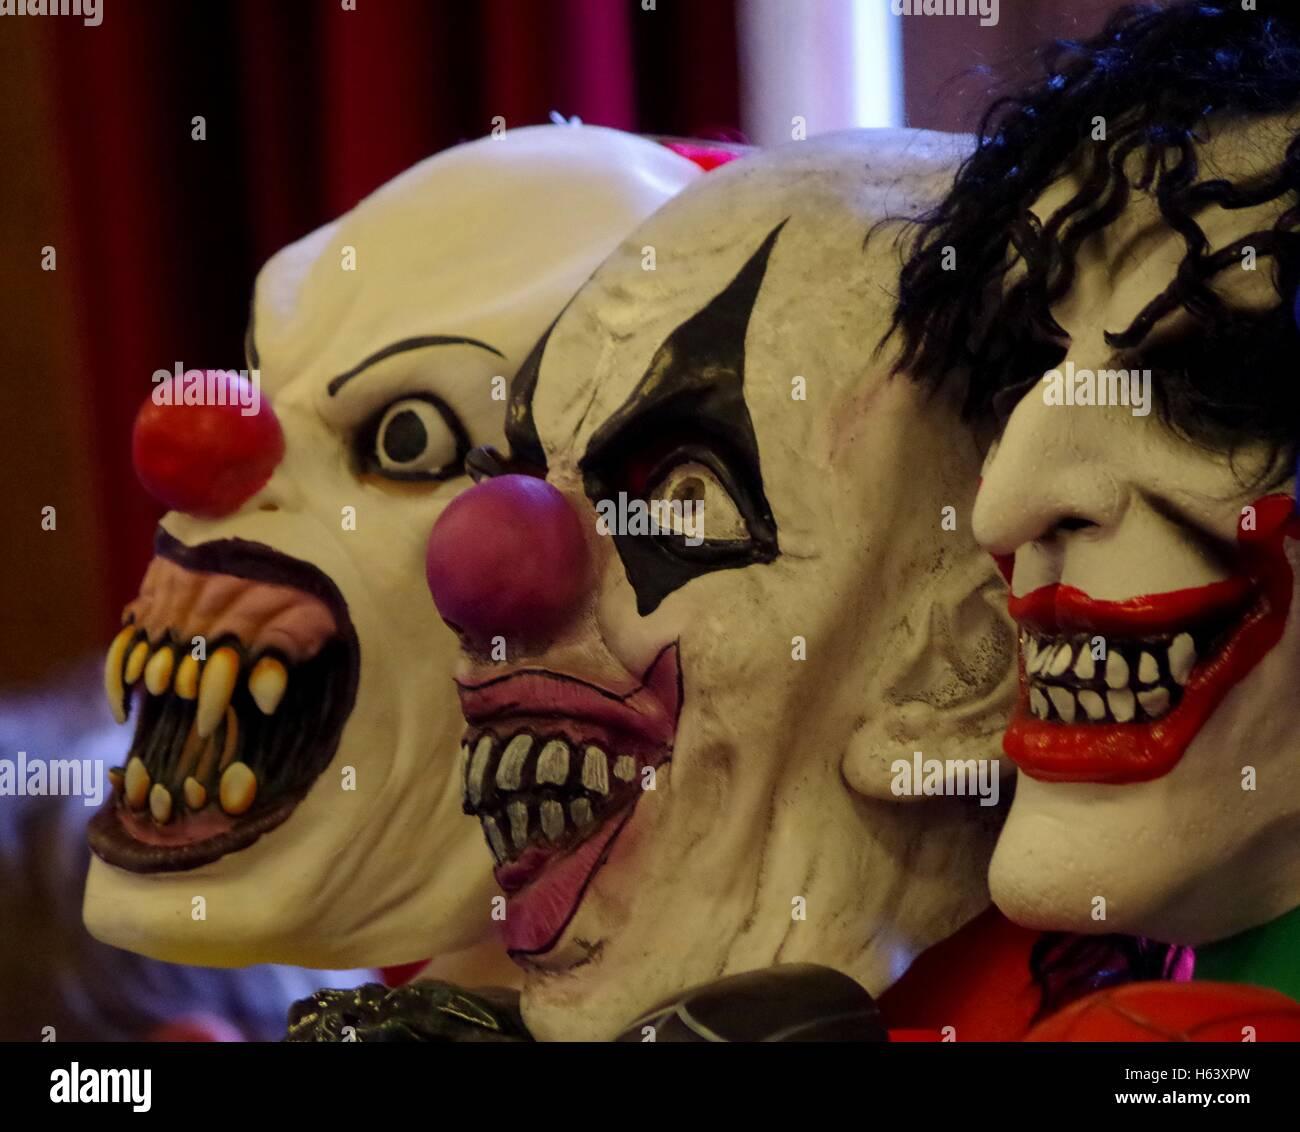 Killer Clown Stock Photos & Killer Clown Stock Images - Alamy